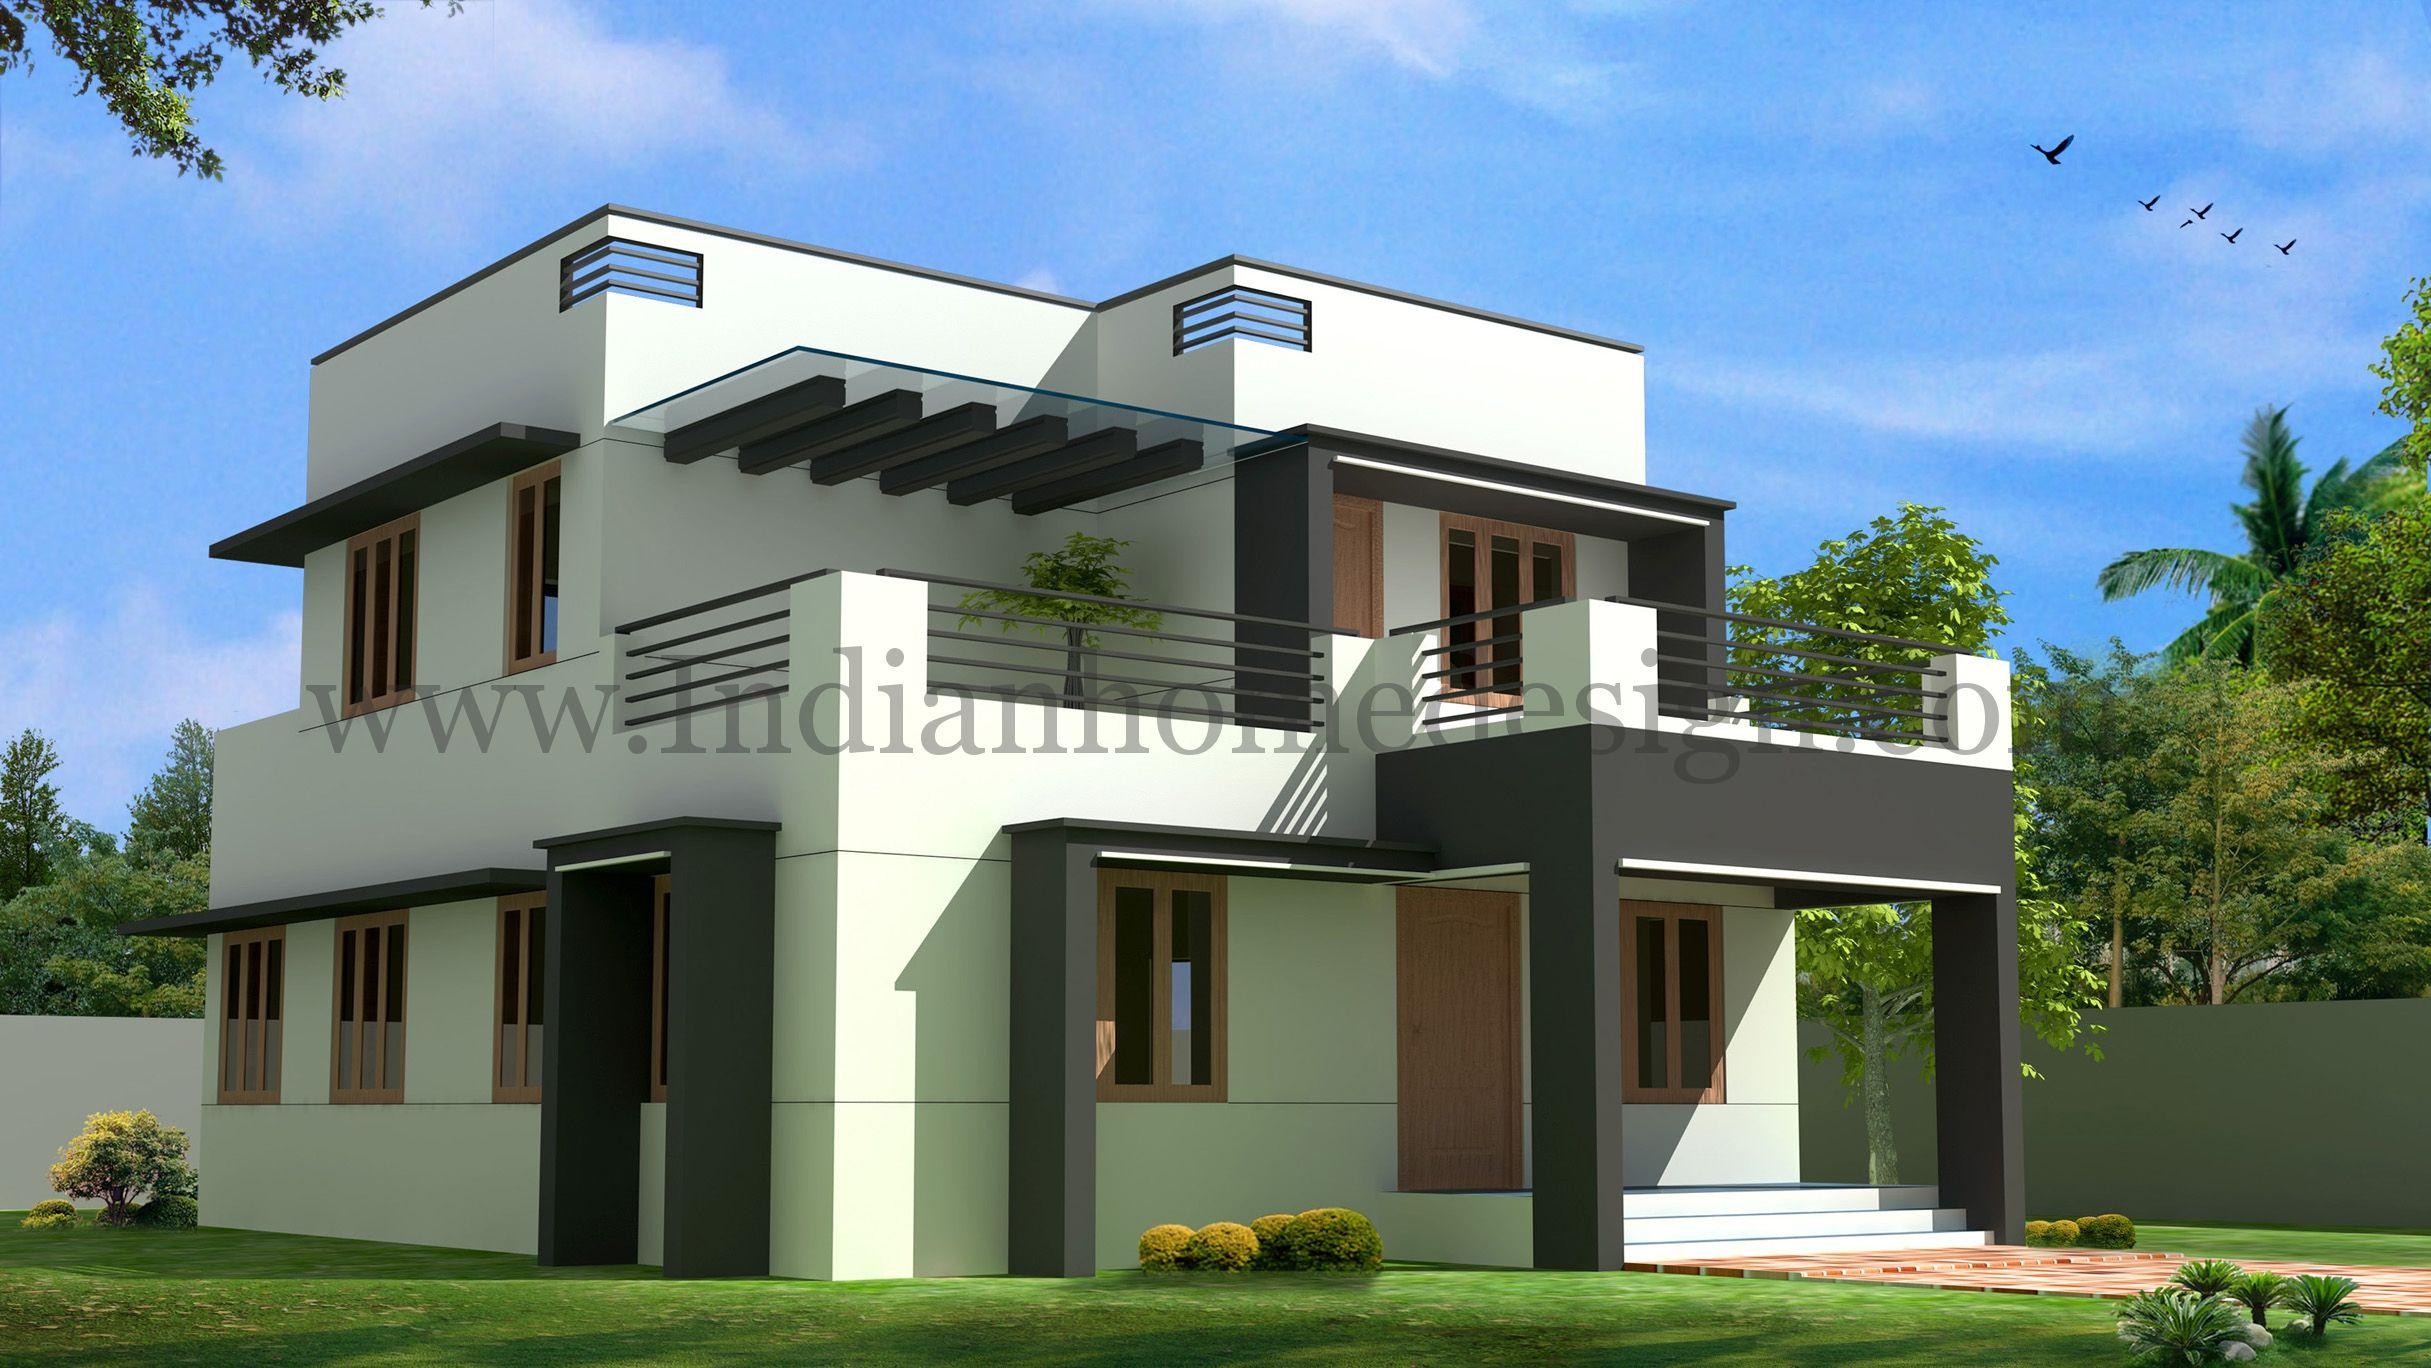 Beautiful Home Design Com Contemporary - Decorating Design Ideas ...